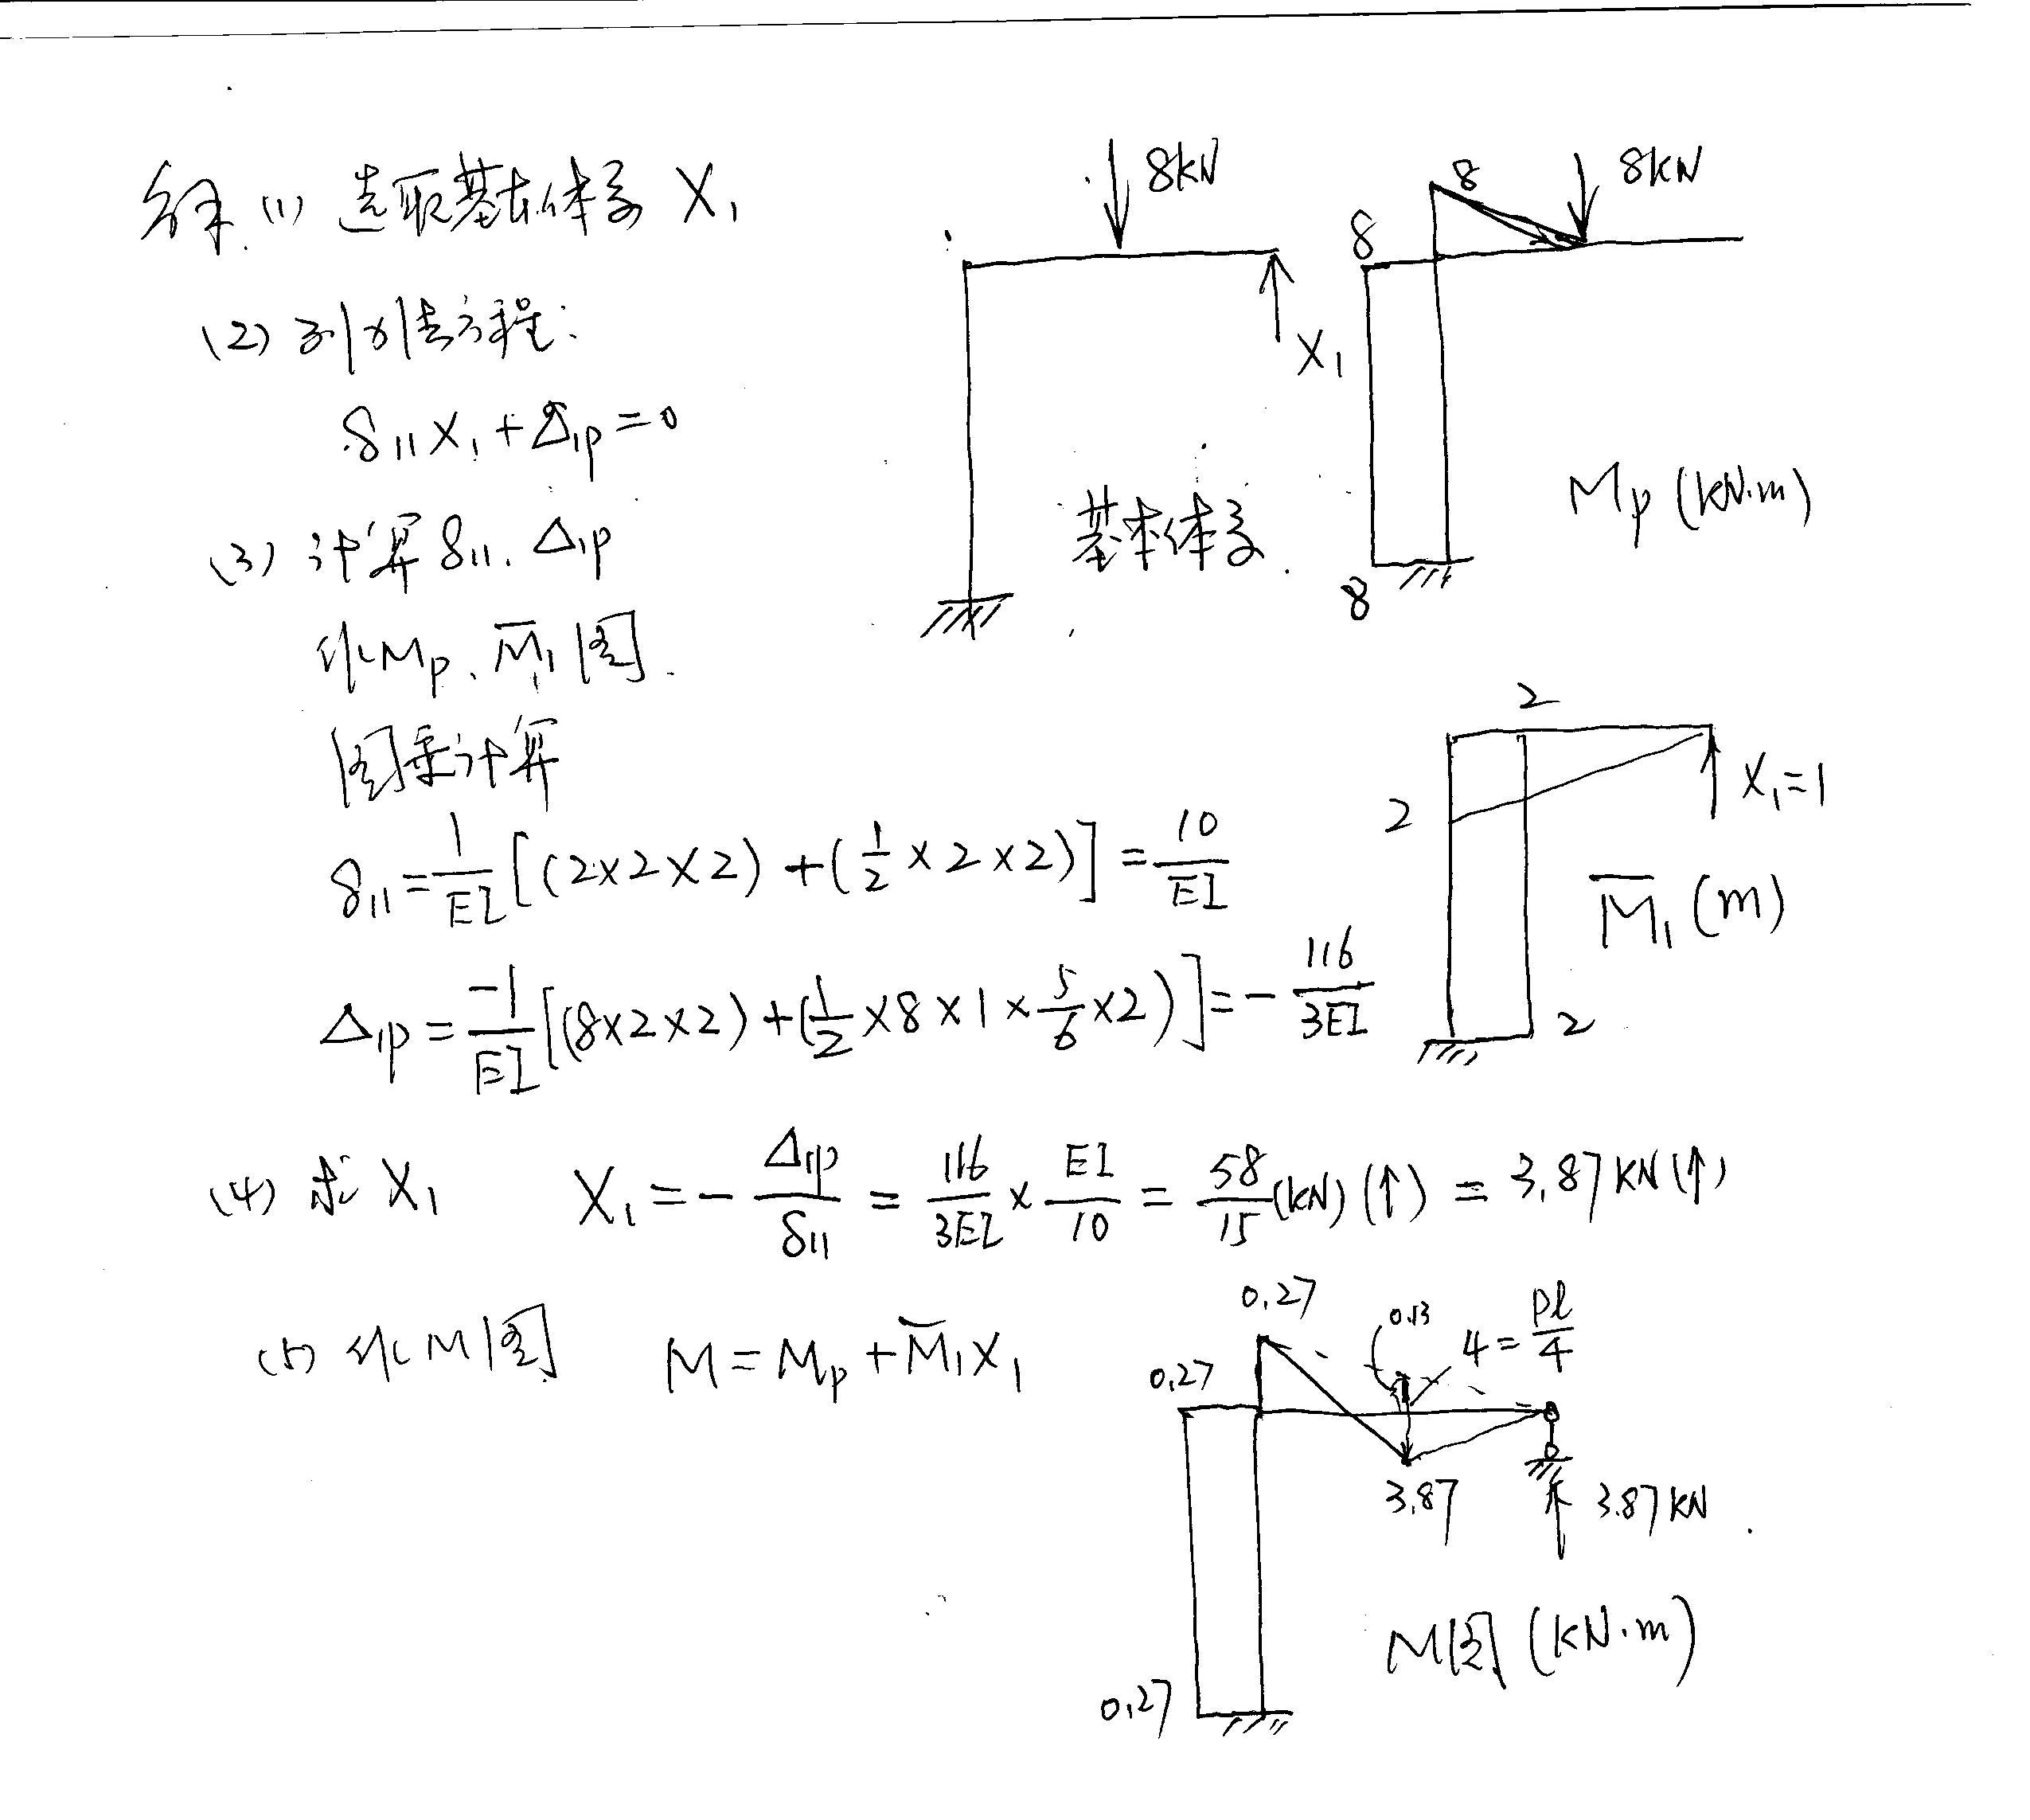 用力法计算图示超静定结构的弯矩内力,并绘制弯矩内力